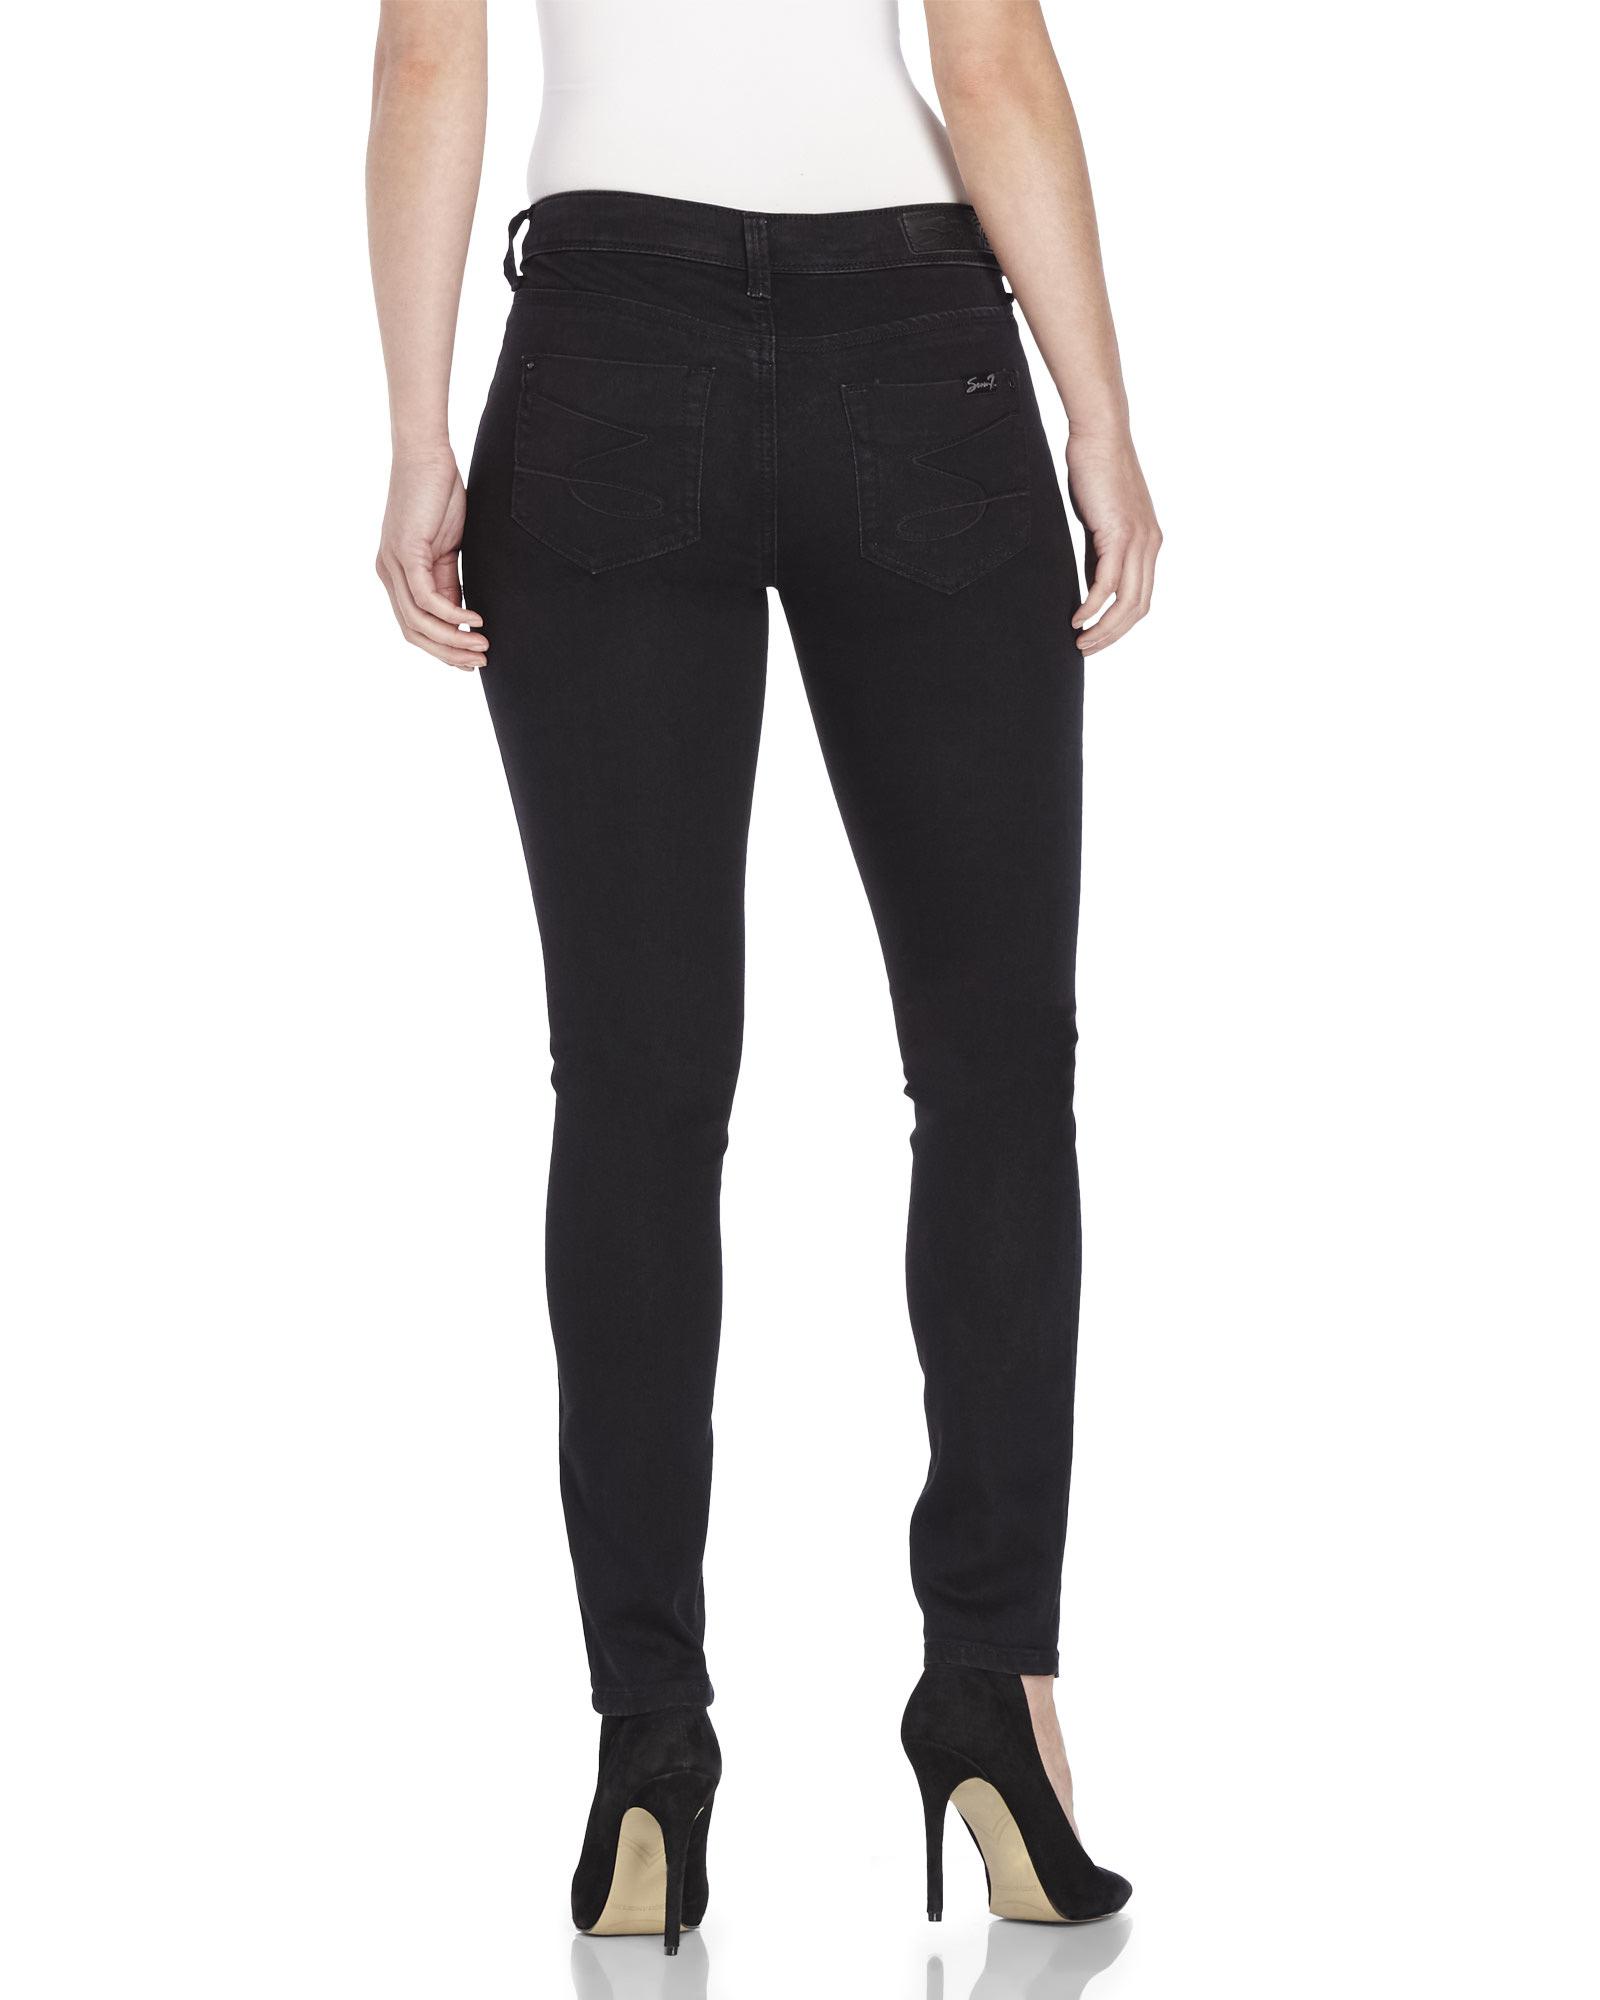 Seven Black Jeans - Jeans Am